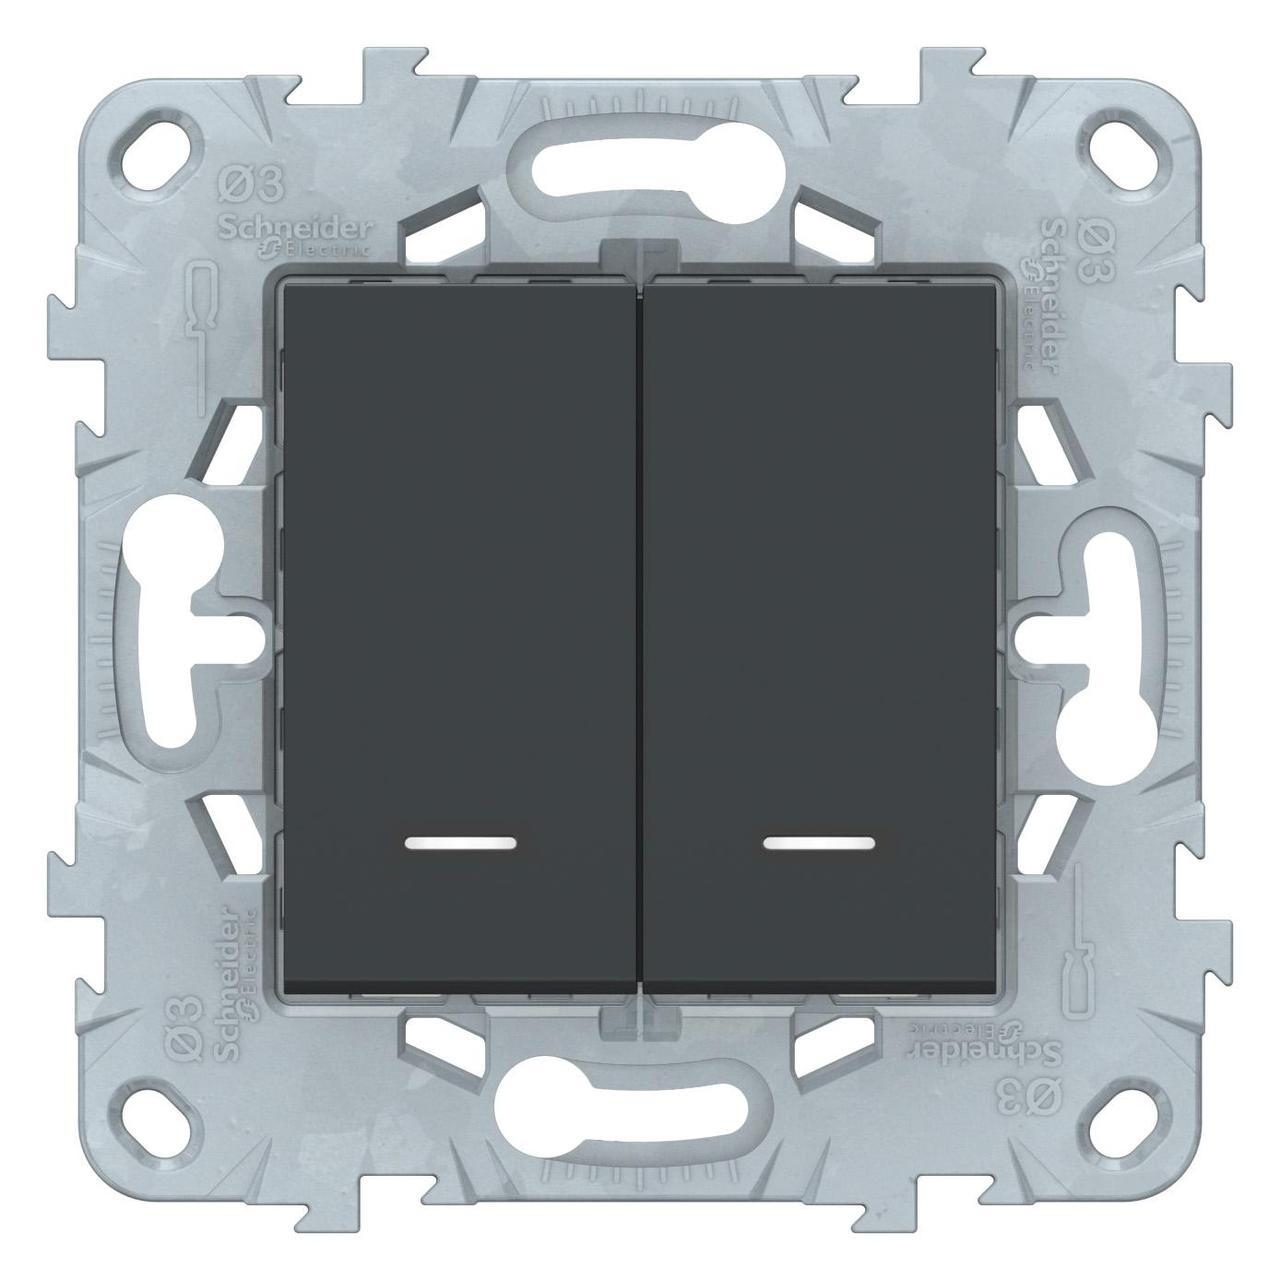 Выключатель 2-клавишный , с подсветкой , Антрацит, серия Unica New, Schneider Electric